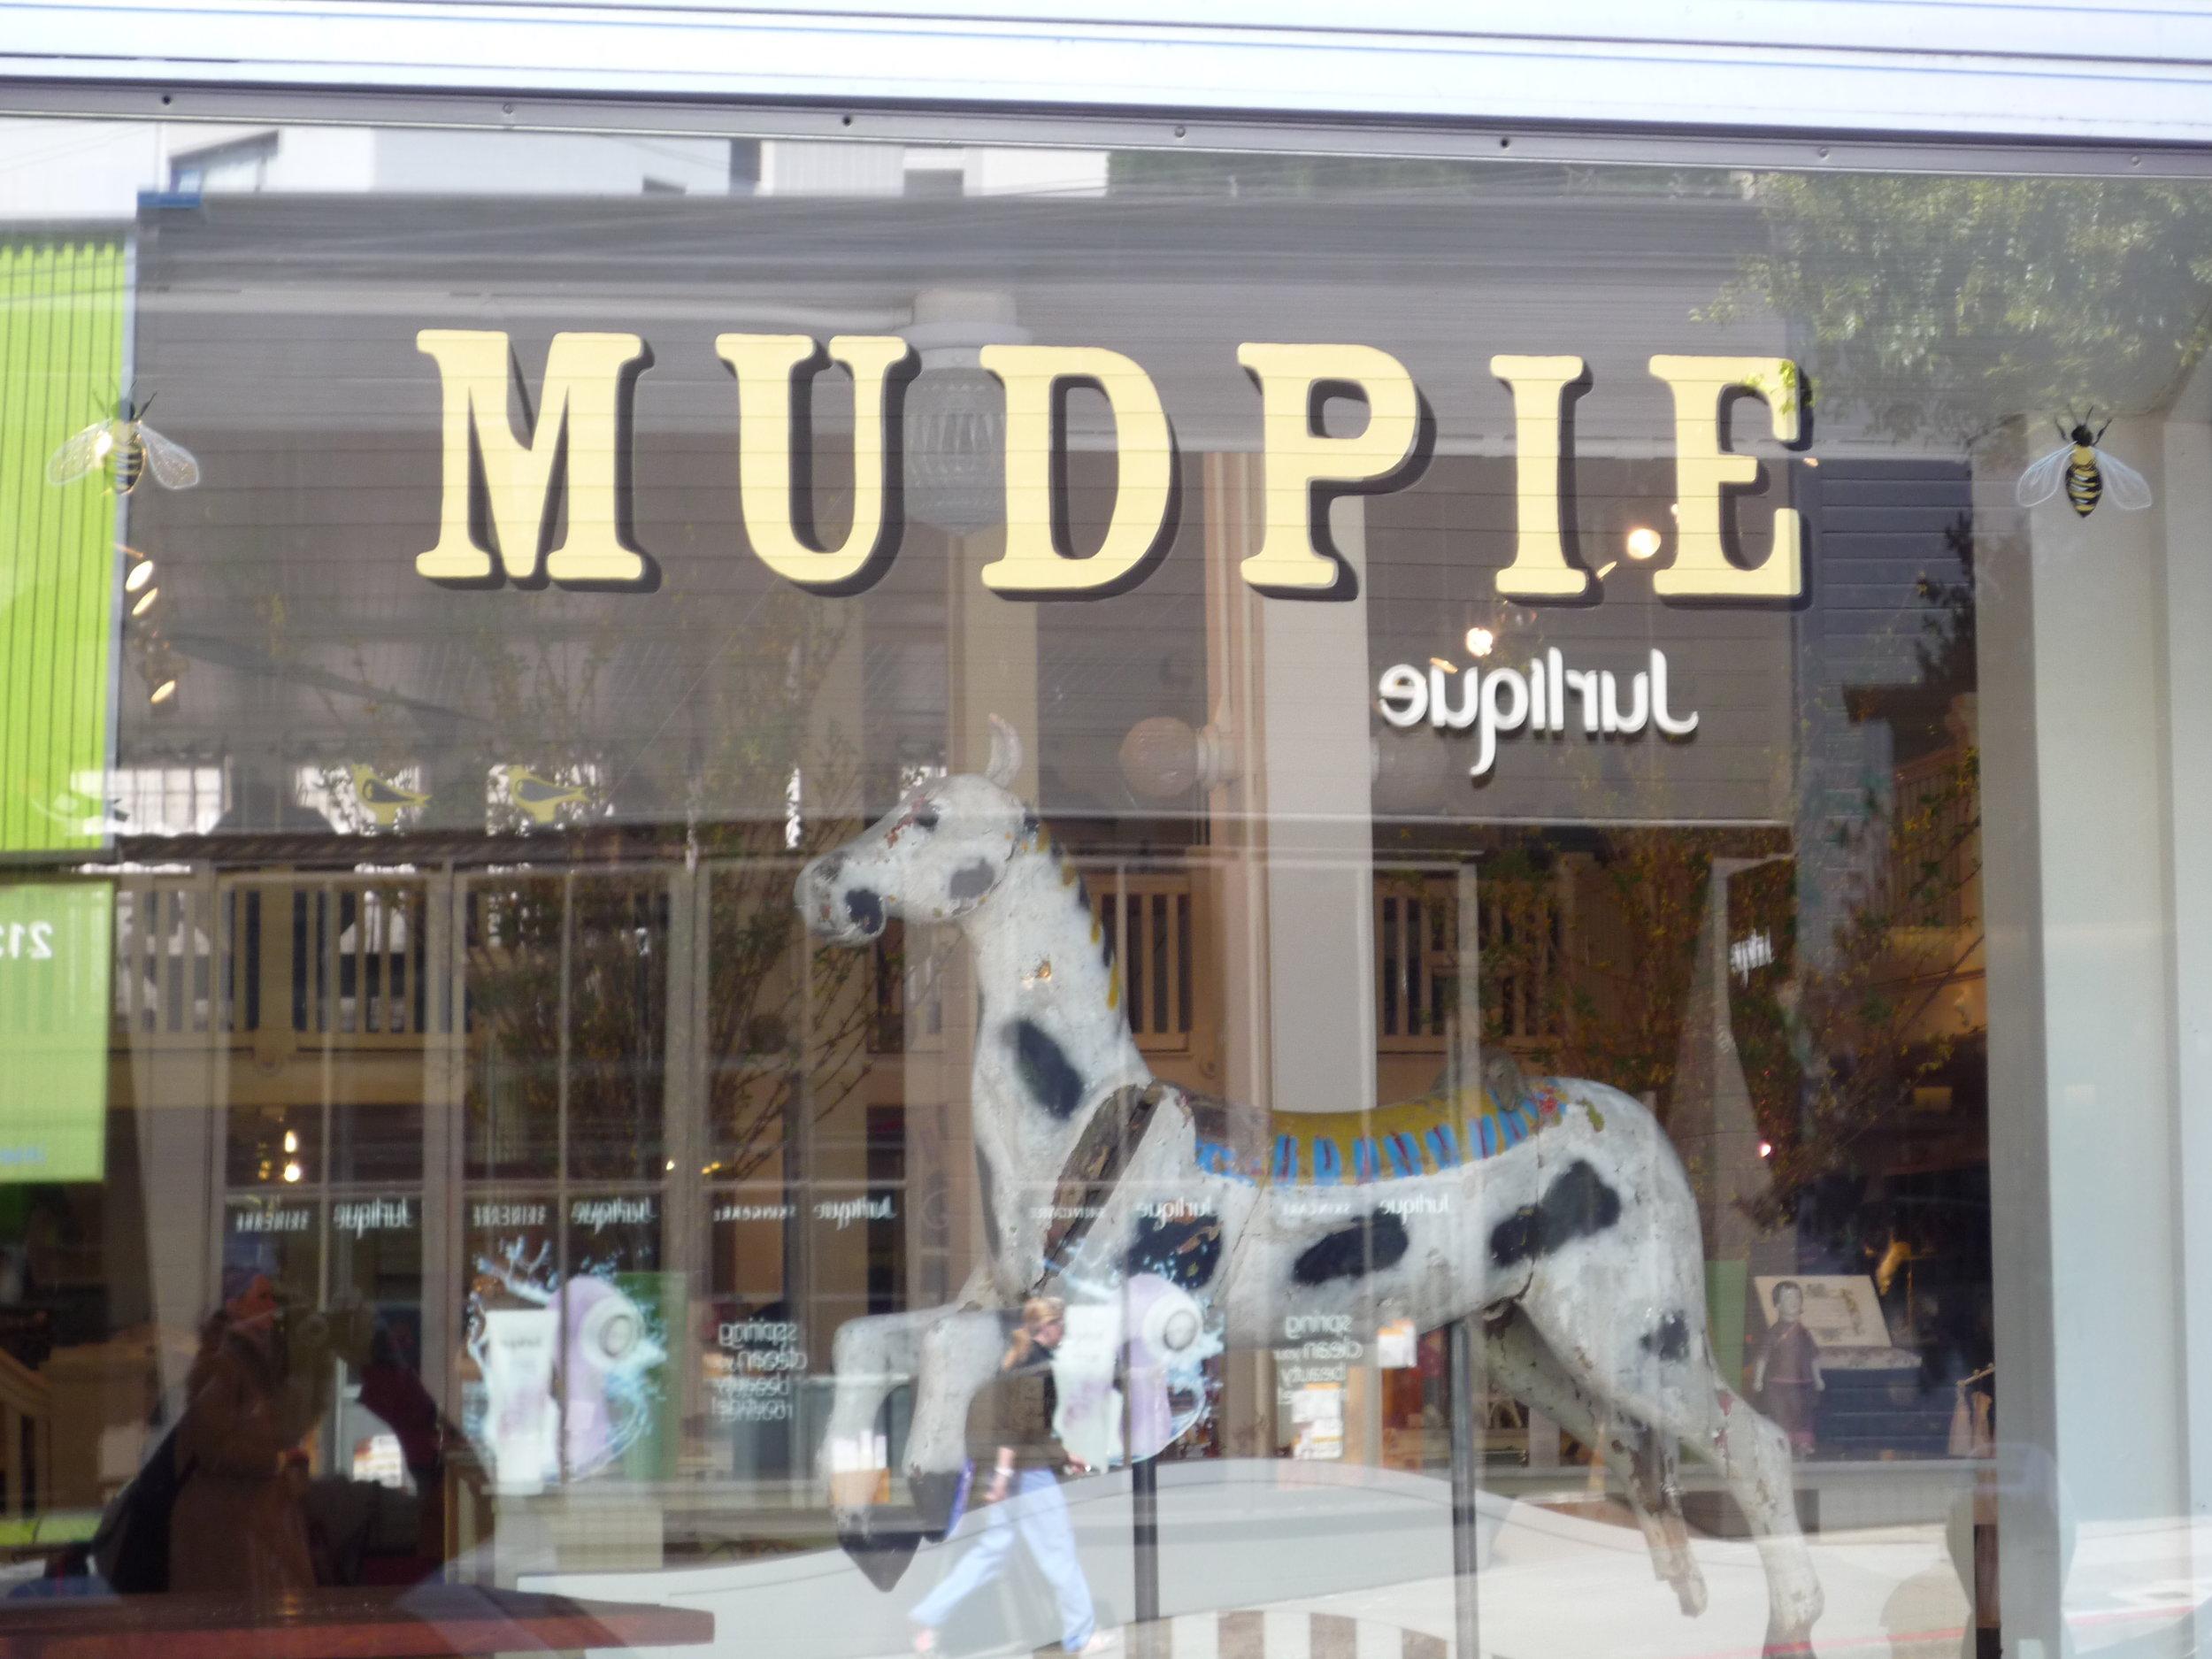 WINDOW-mudpie-window_5878220789_o.jpg